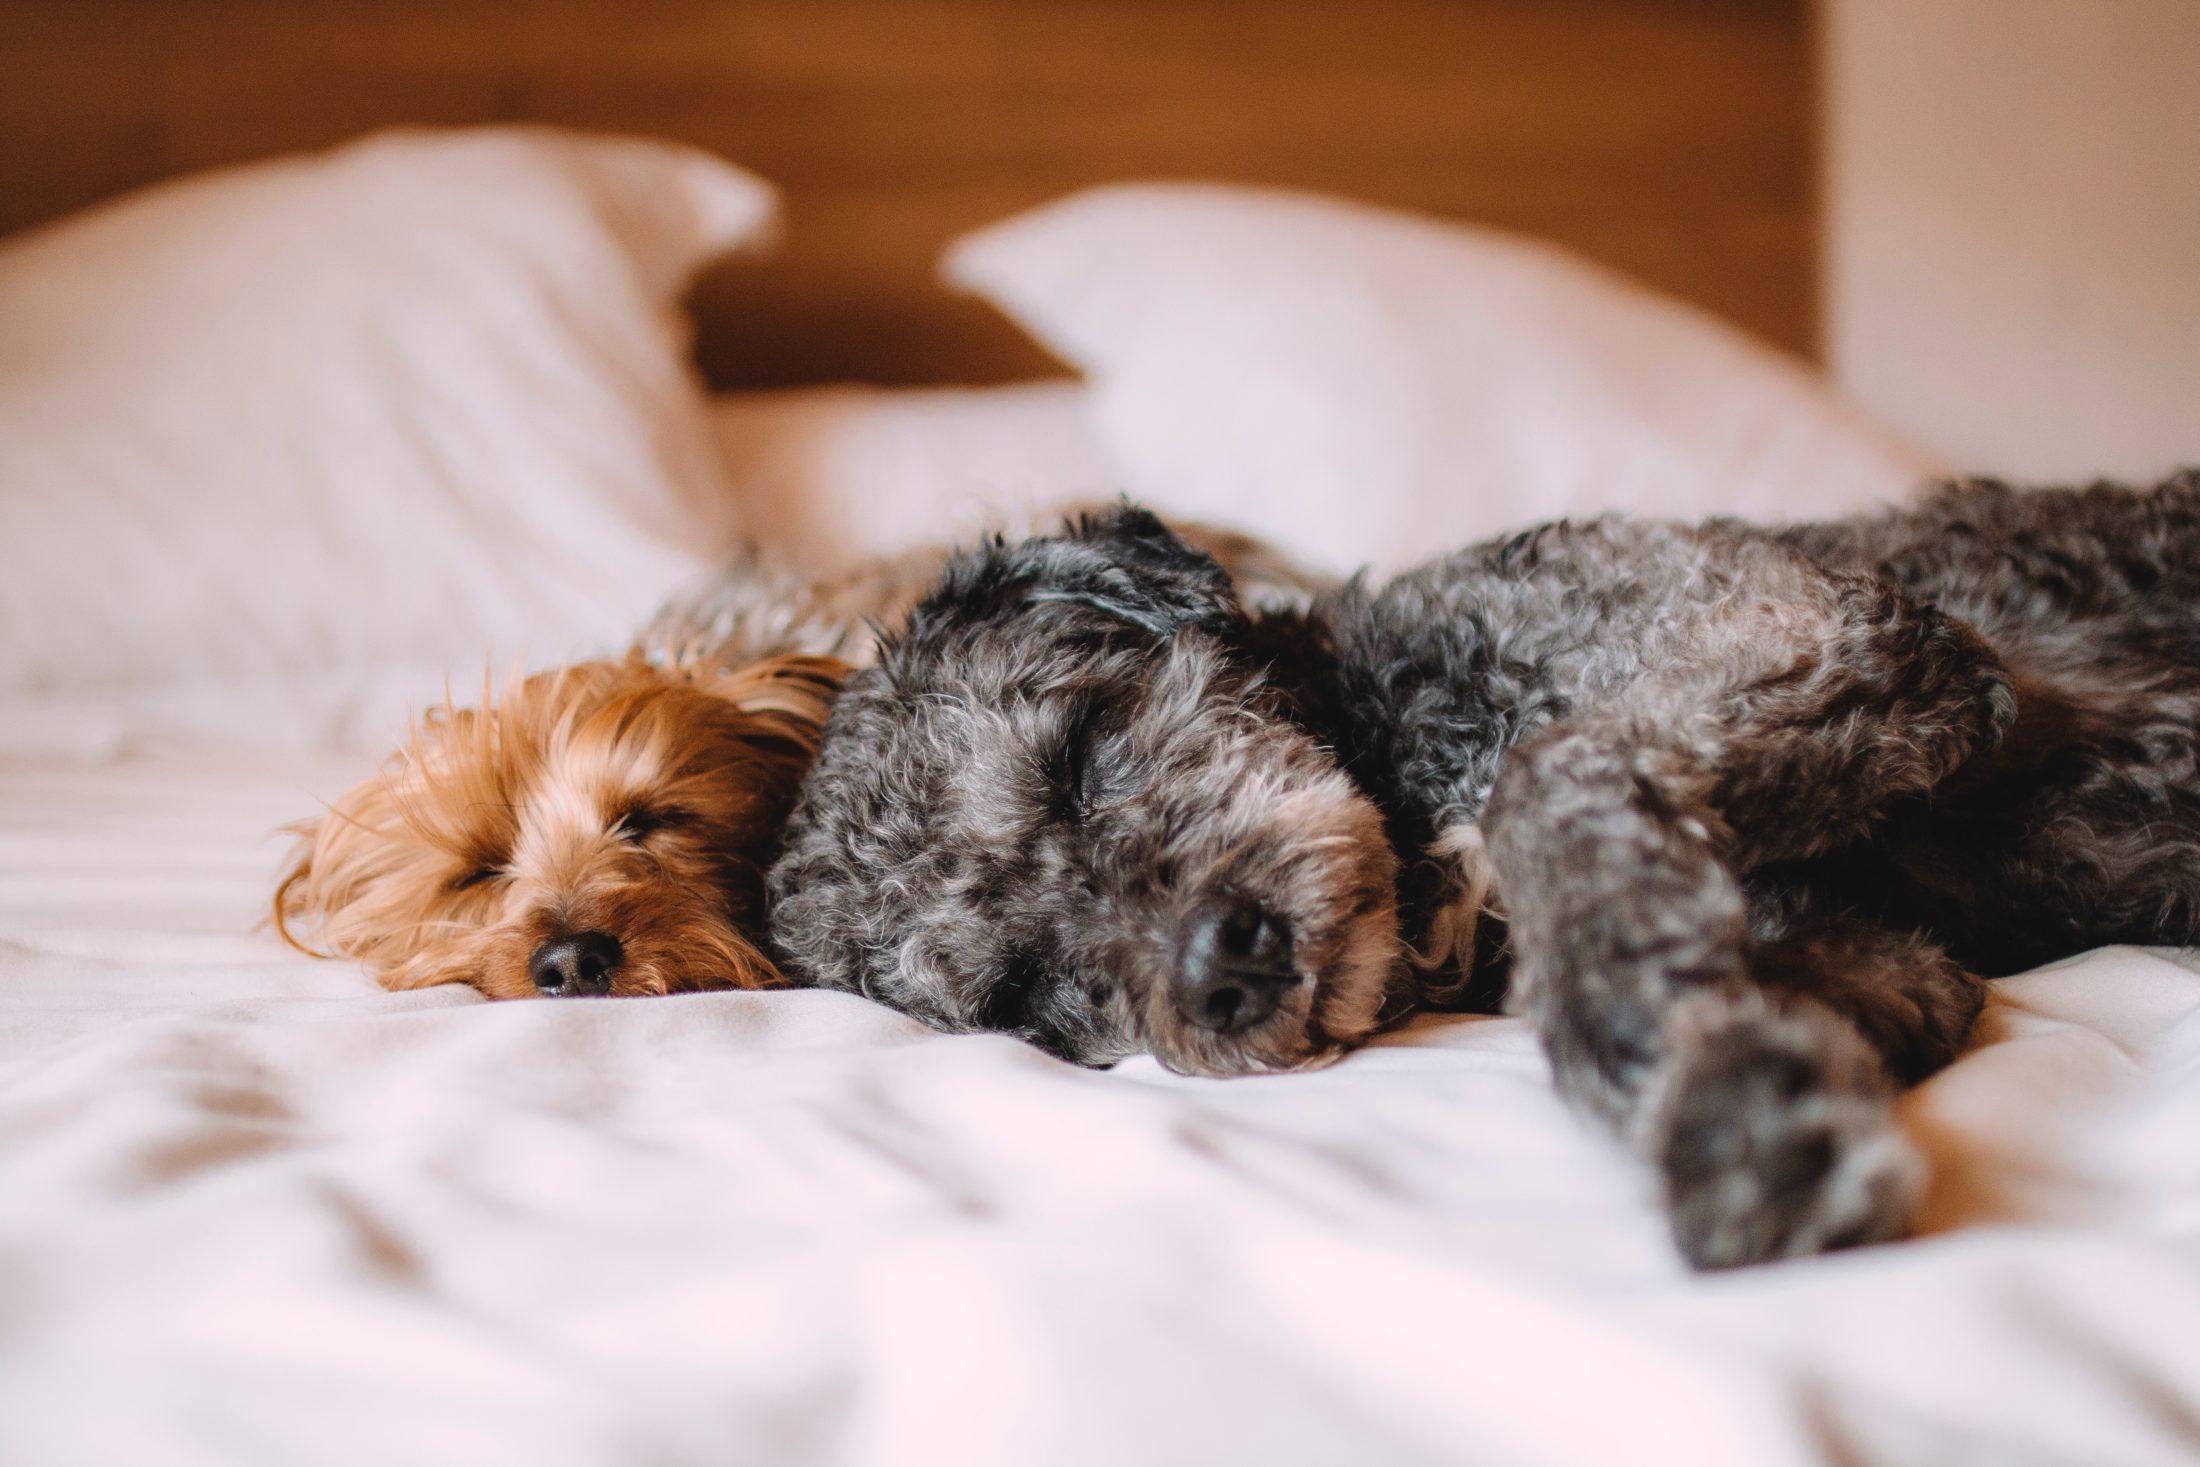 dois cachorro deitados juntos na cama